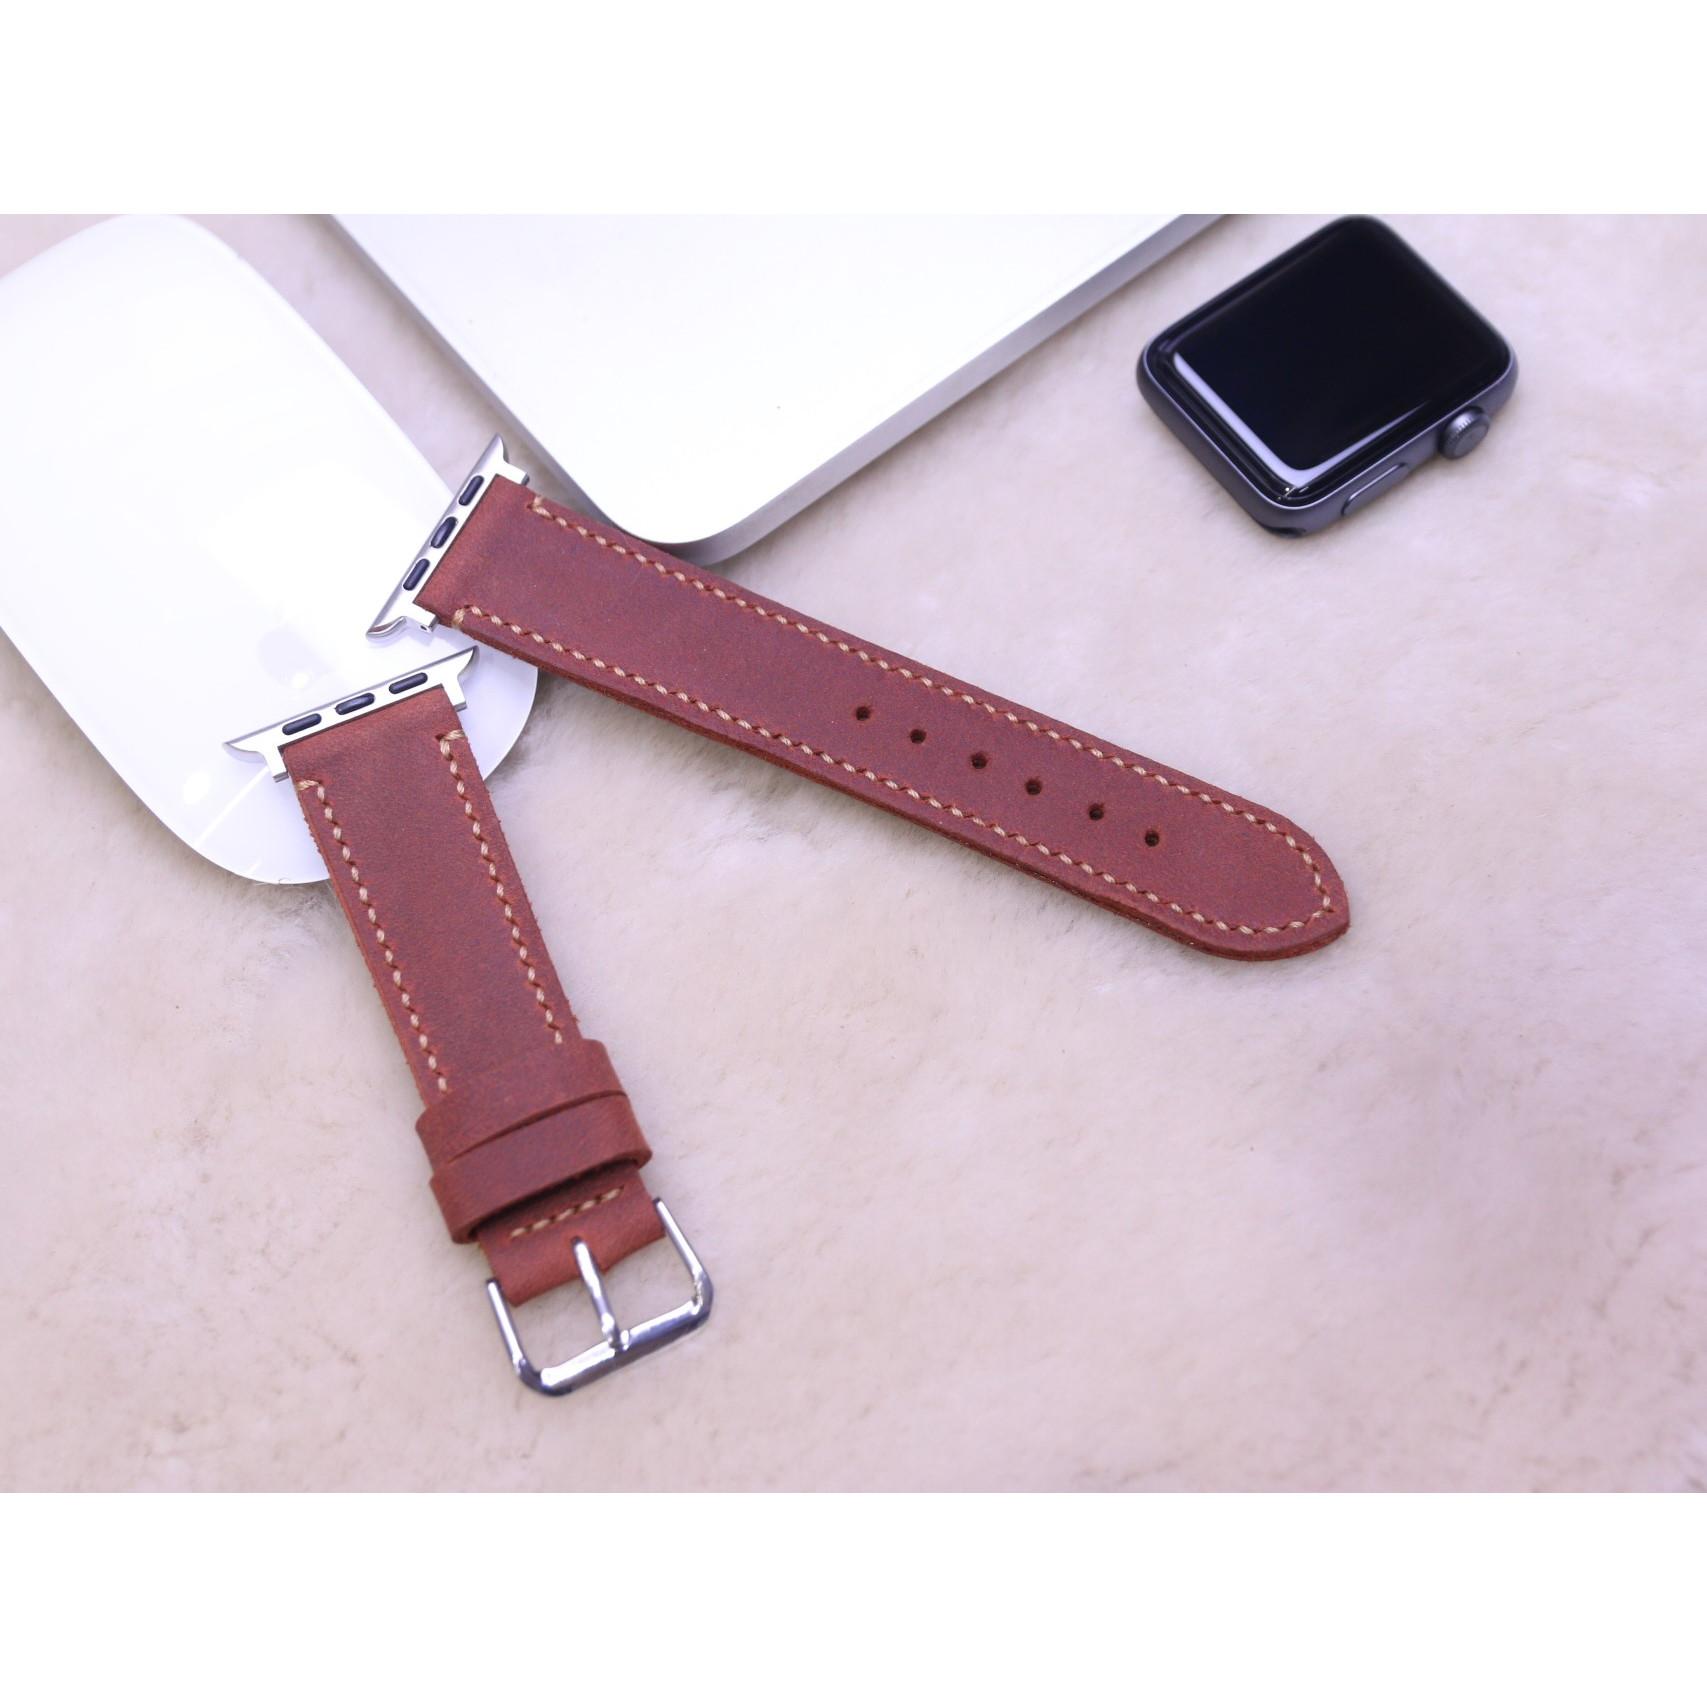 Dây Đeo Thay Thế Dành Cho Apple Watch - Da dò sáp Nâu Đỏ Handmade